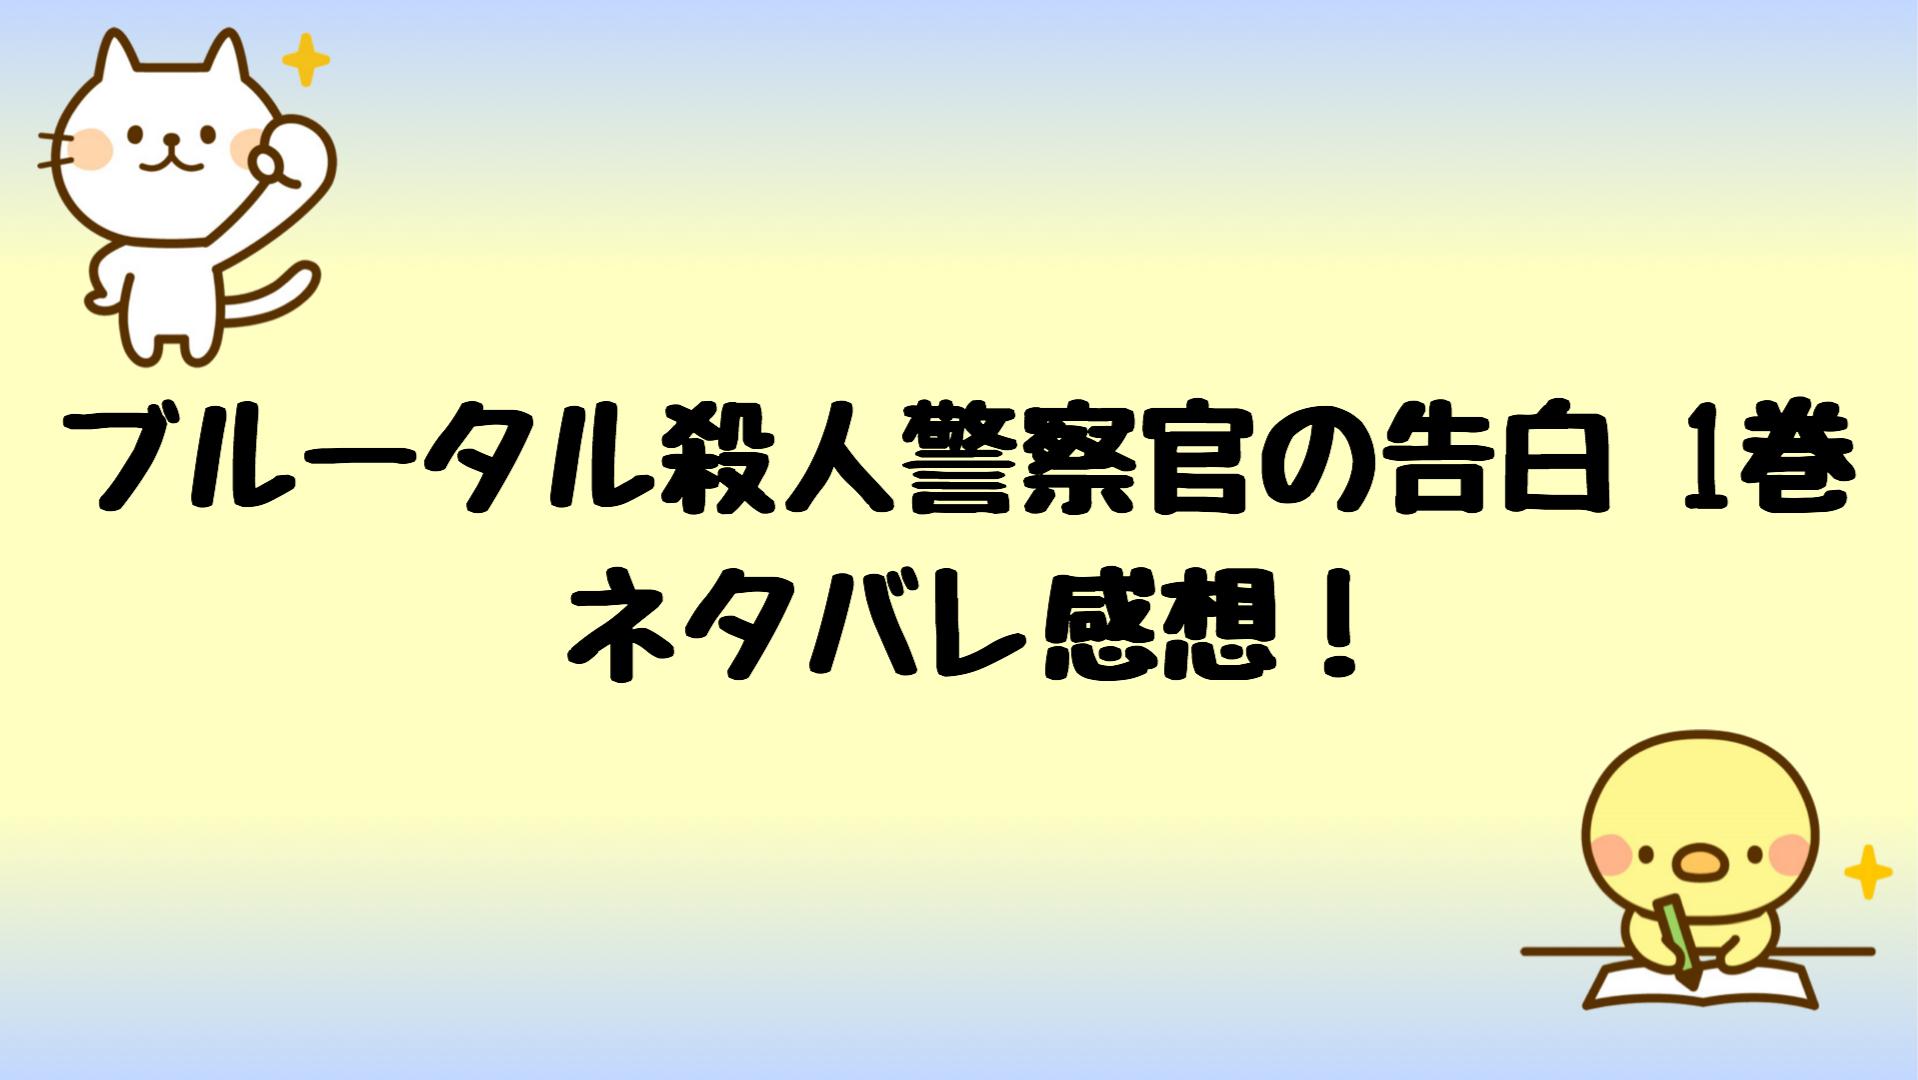 トレース 漫画 5 巻 ネタバレ